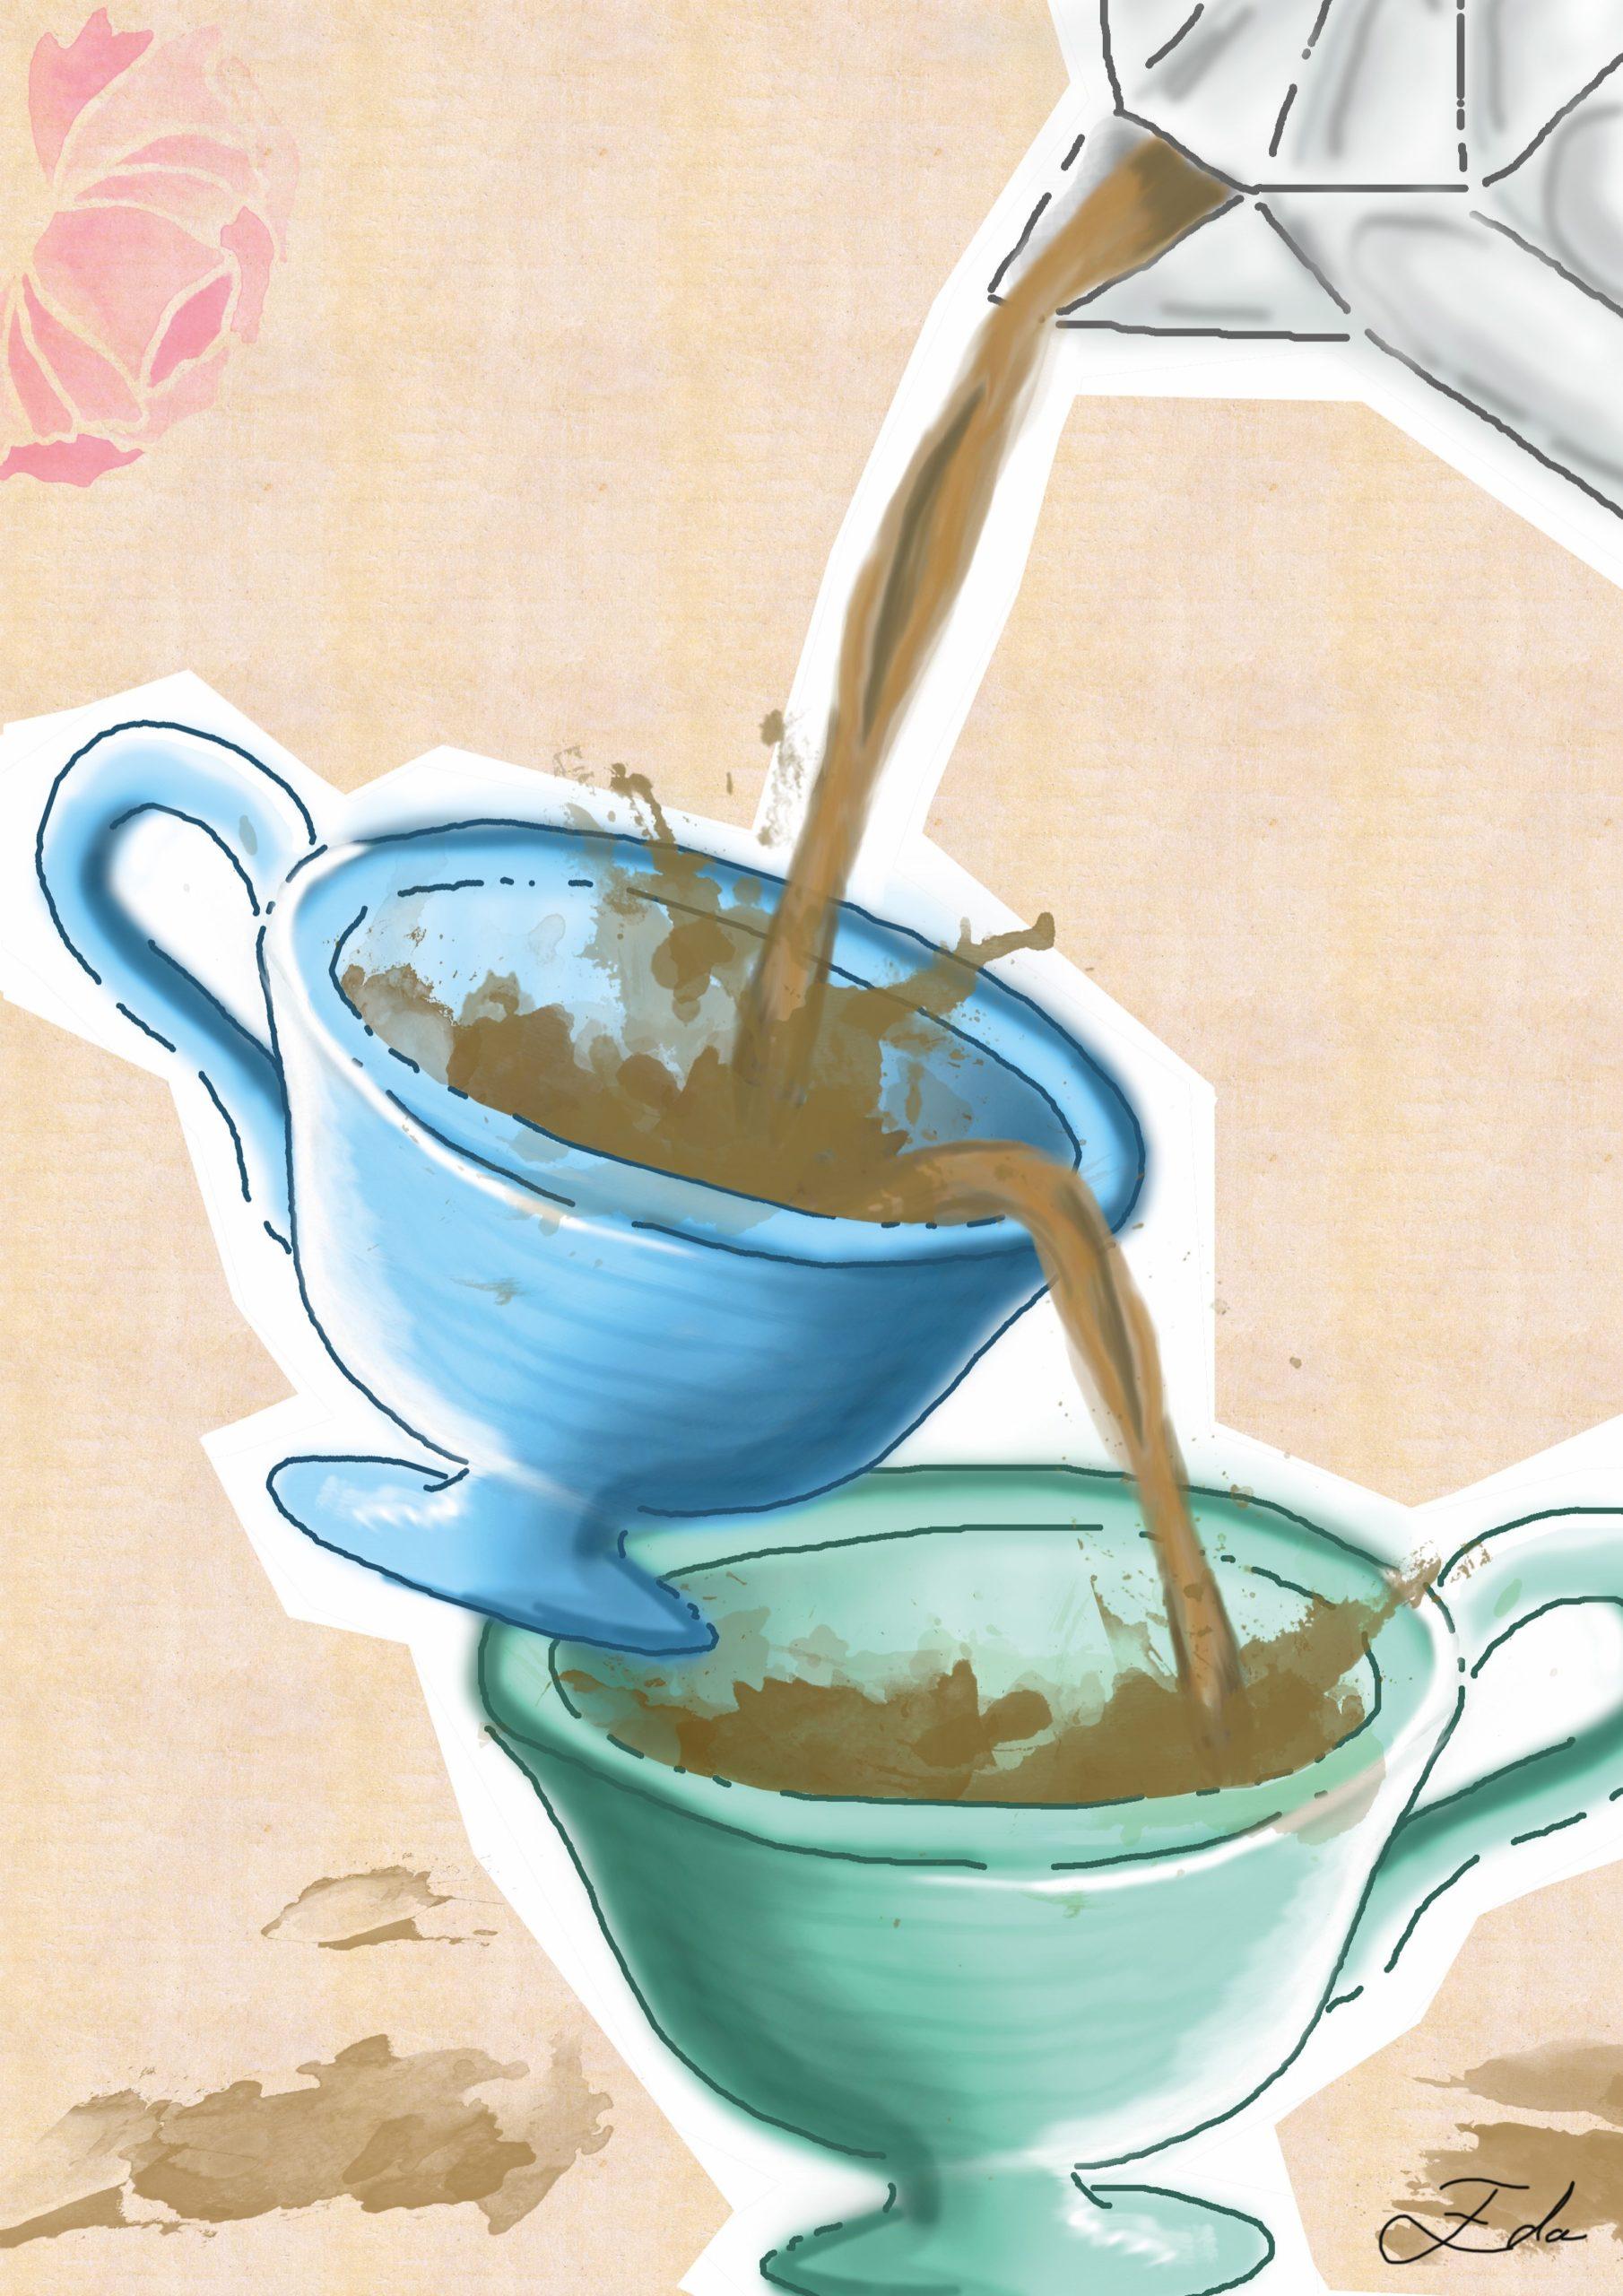 Zeichnung von zwei Kaffeetassen